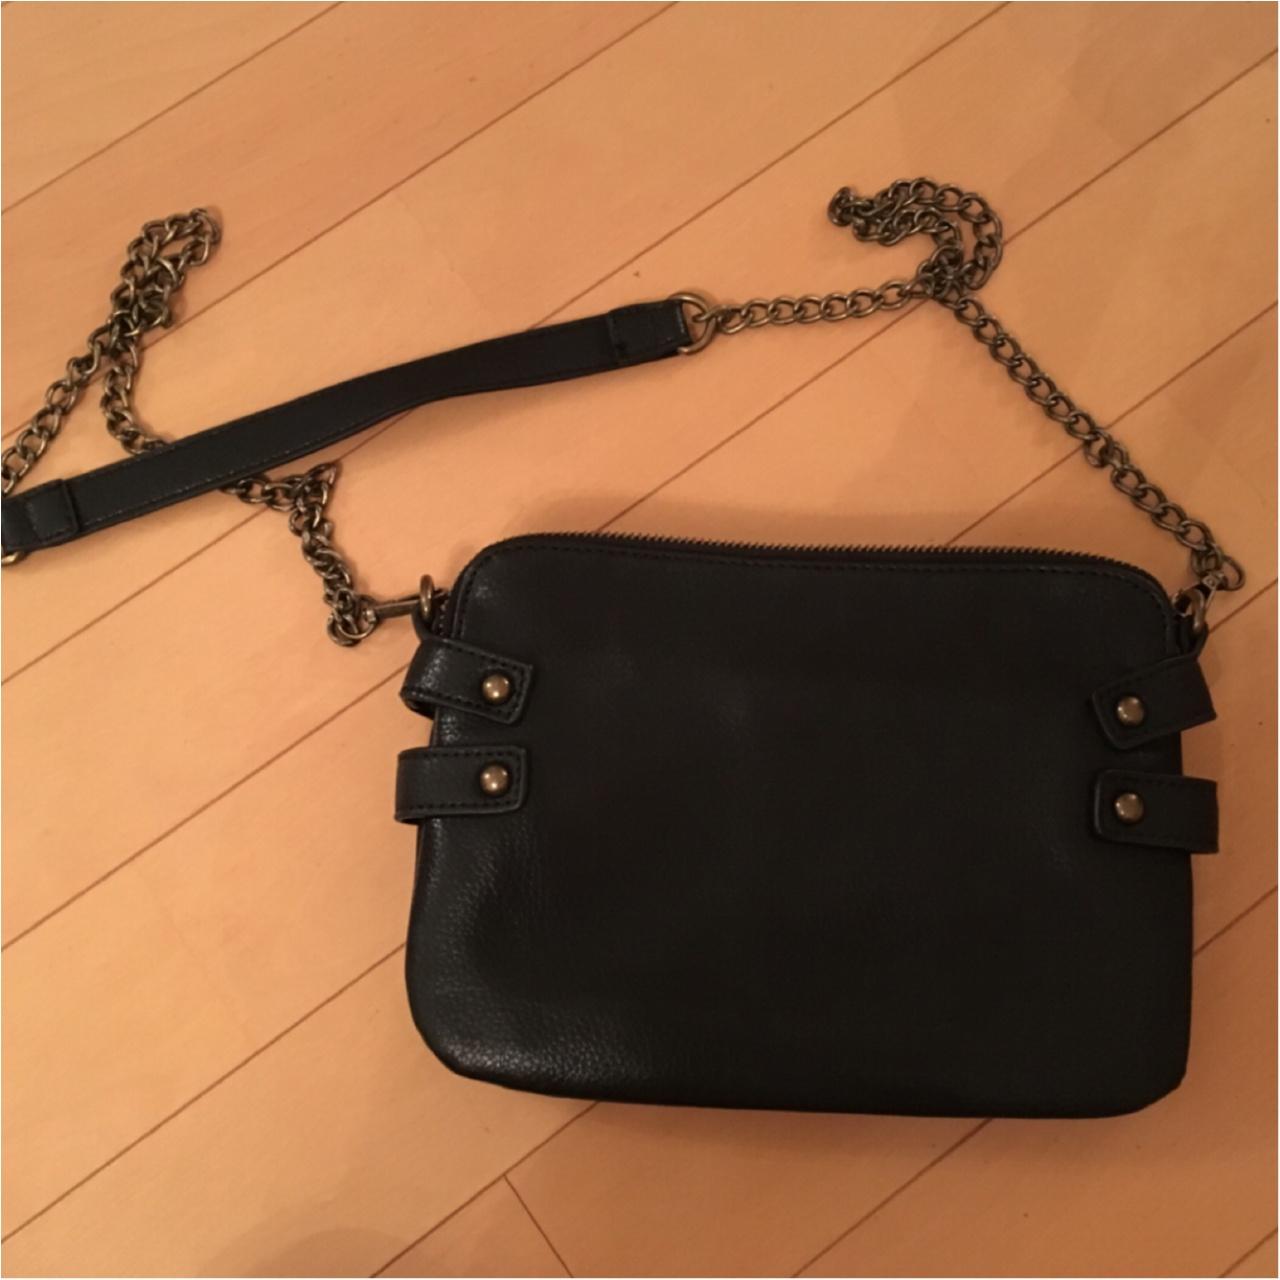 【bag▶︎forever21】自分だけのショルダーバッグを安く簡単に可愛く作っちゃいました☺︎_1